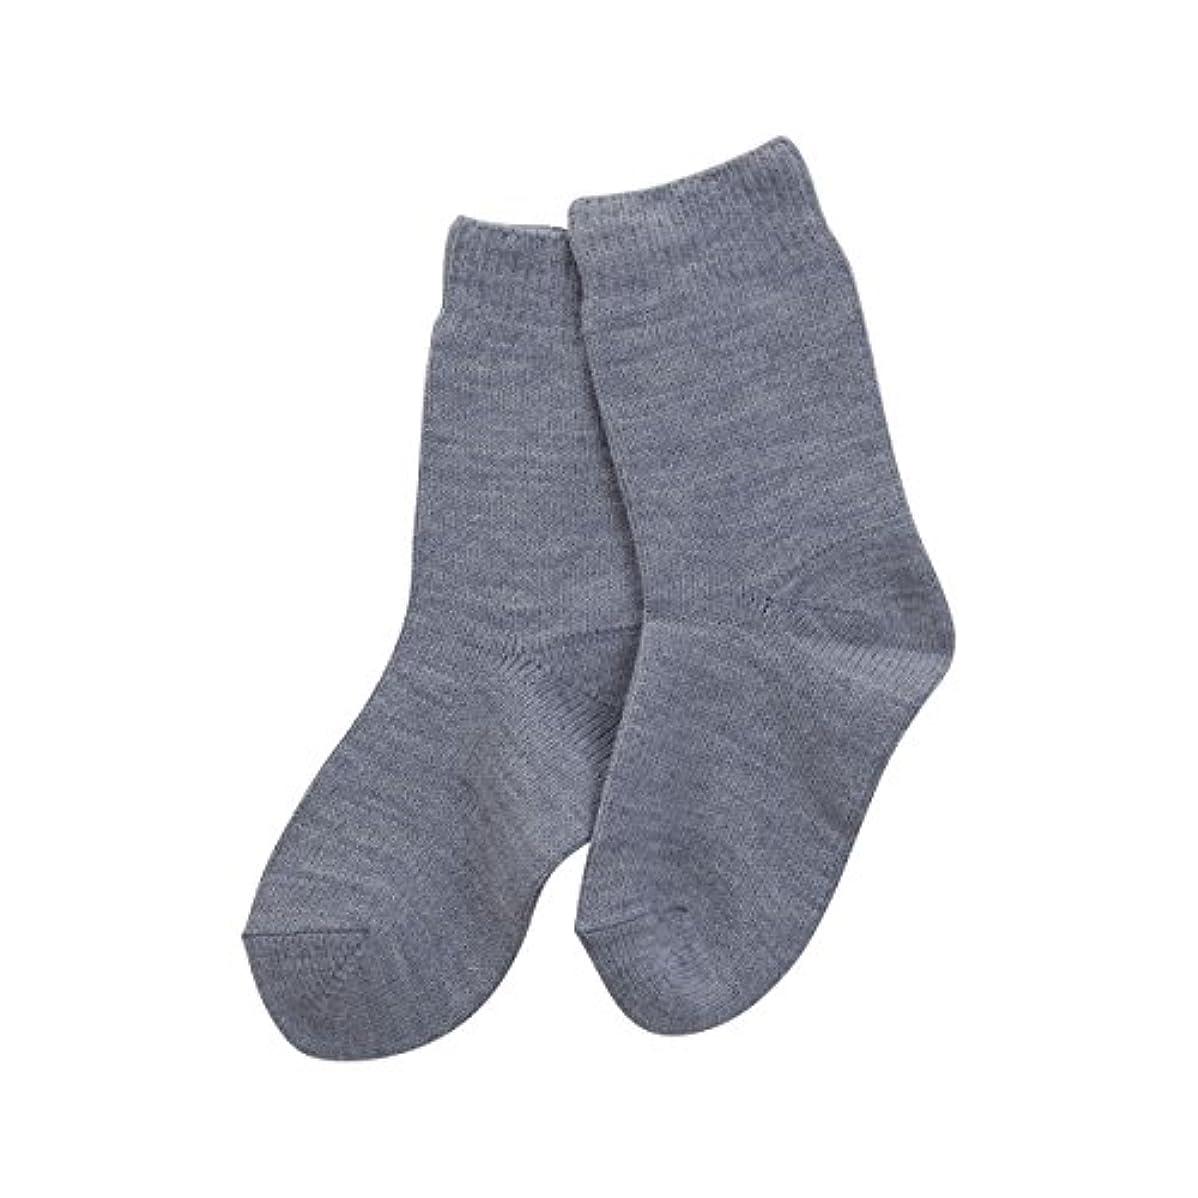 温かい知性居心地の良い(コベス) KOBES ゴムなし 毛混 超ゆったり特大サイズ 大きいサイズ 靴下 日本製 婦人靴下